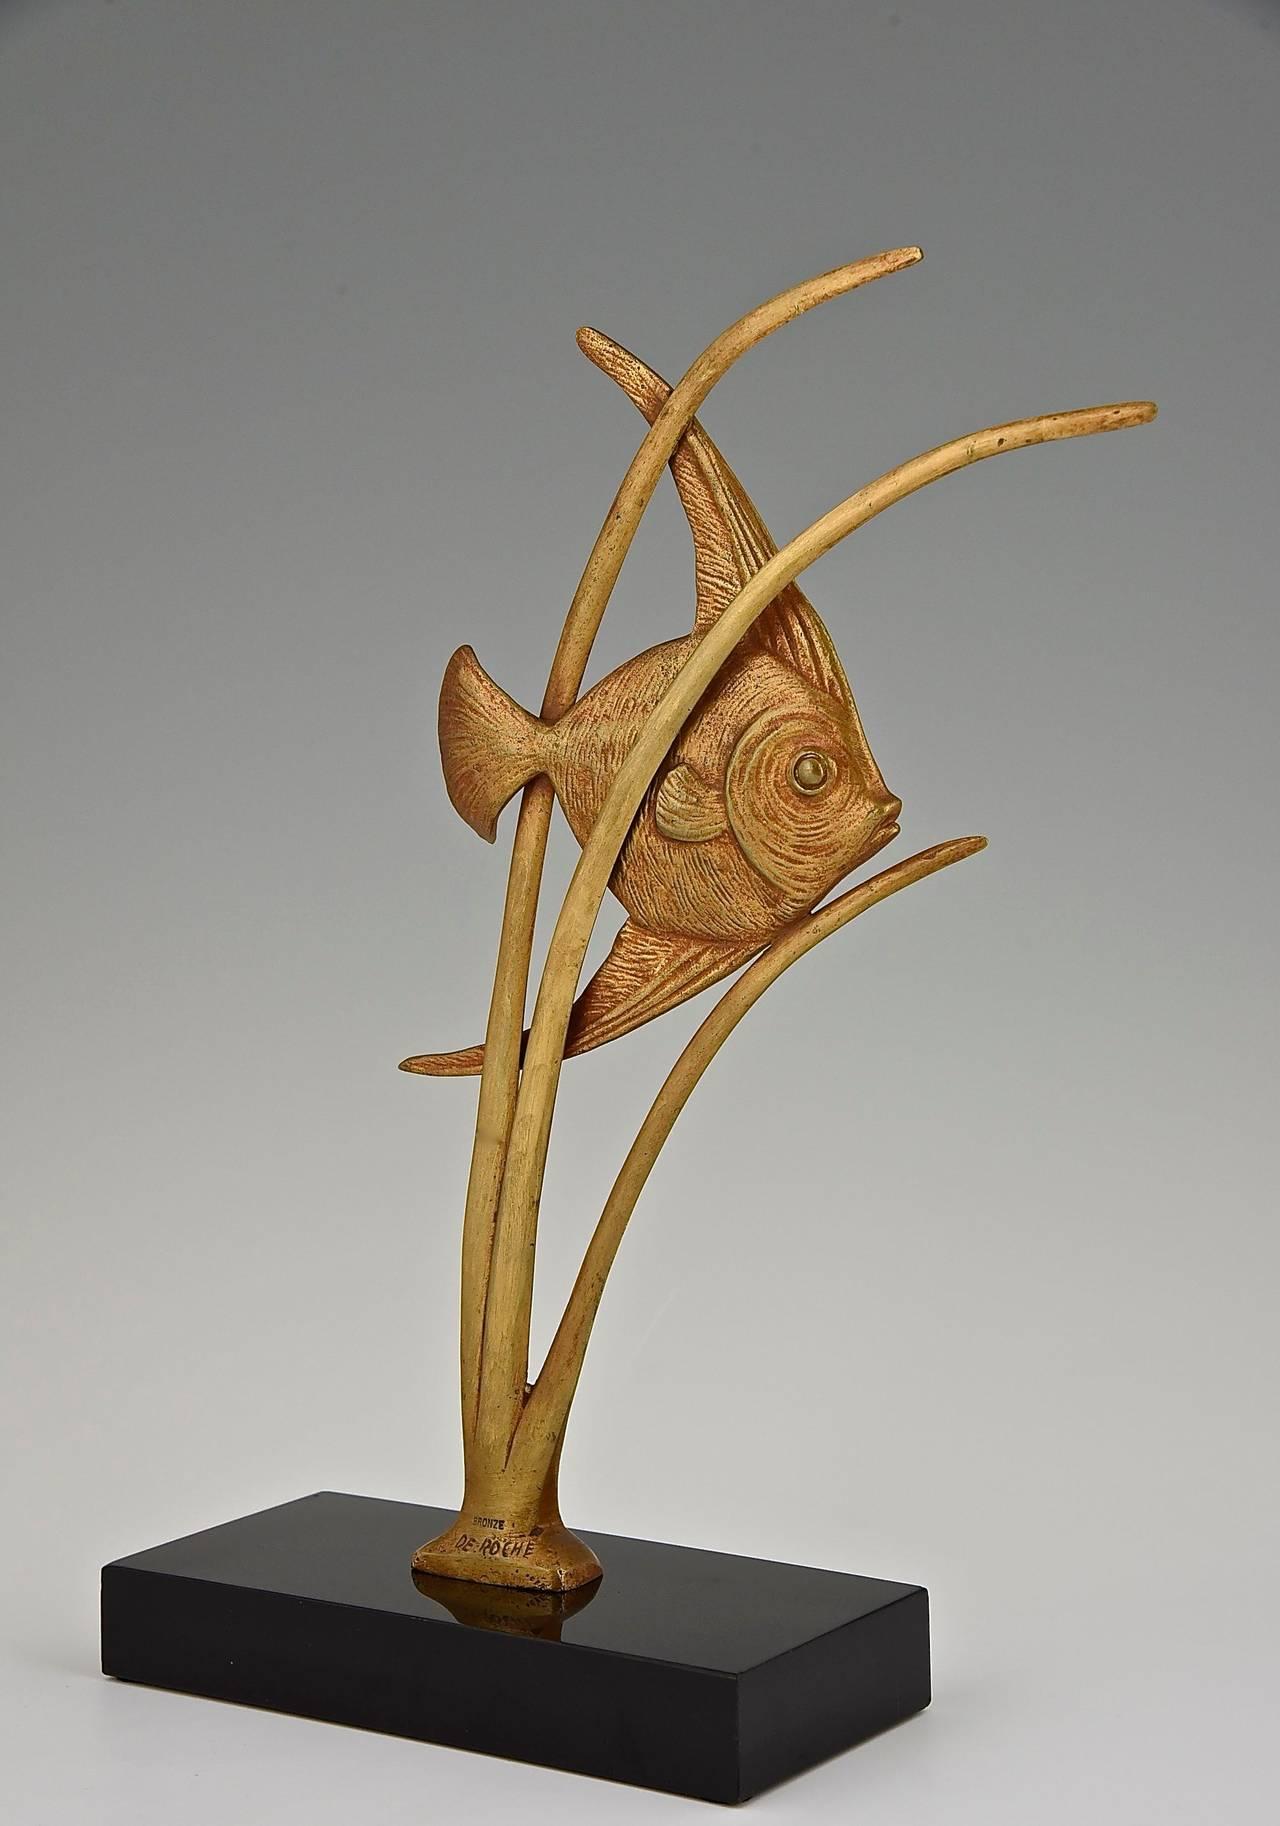 Gilt Art Deco Bronze Sculpture of a Fish by De Roche 1930 France For Sale